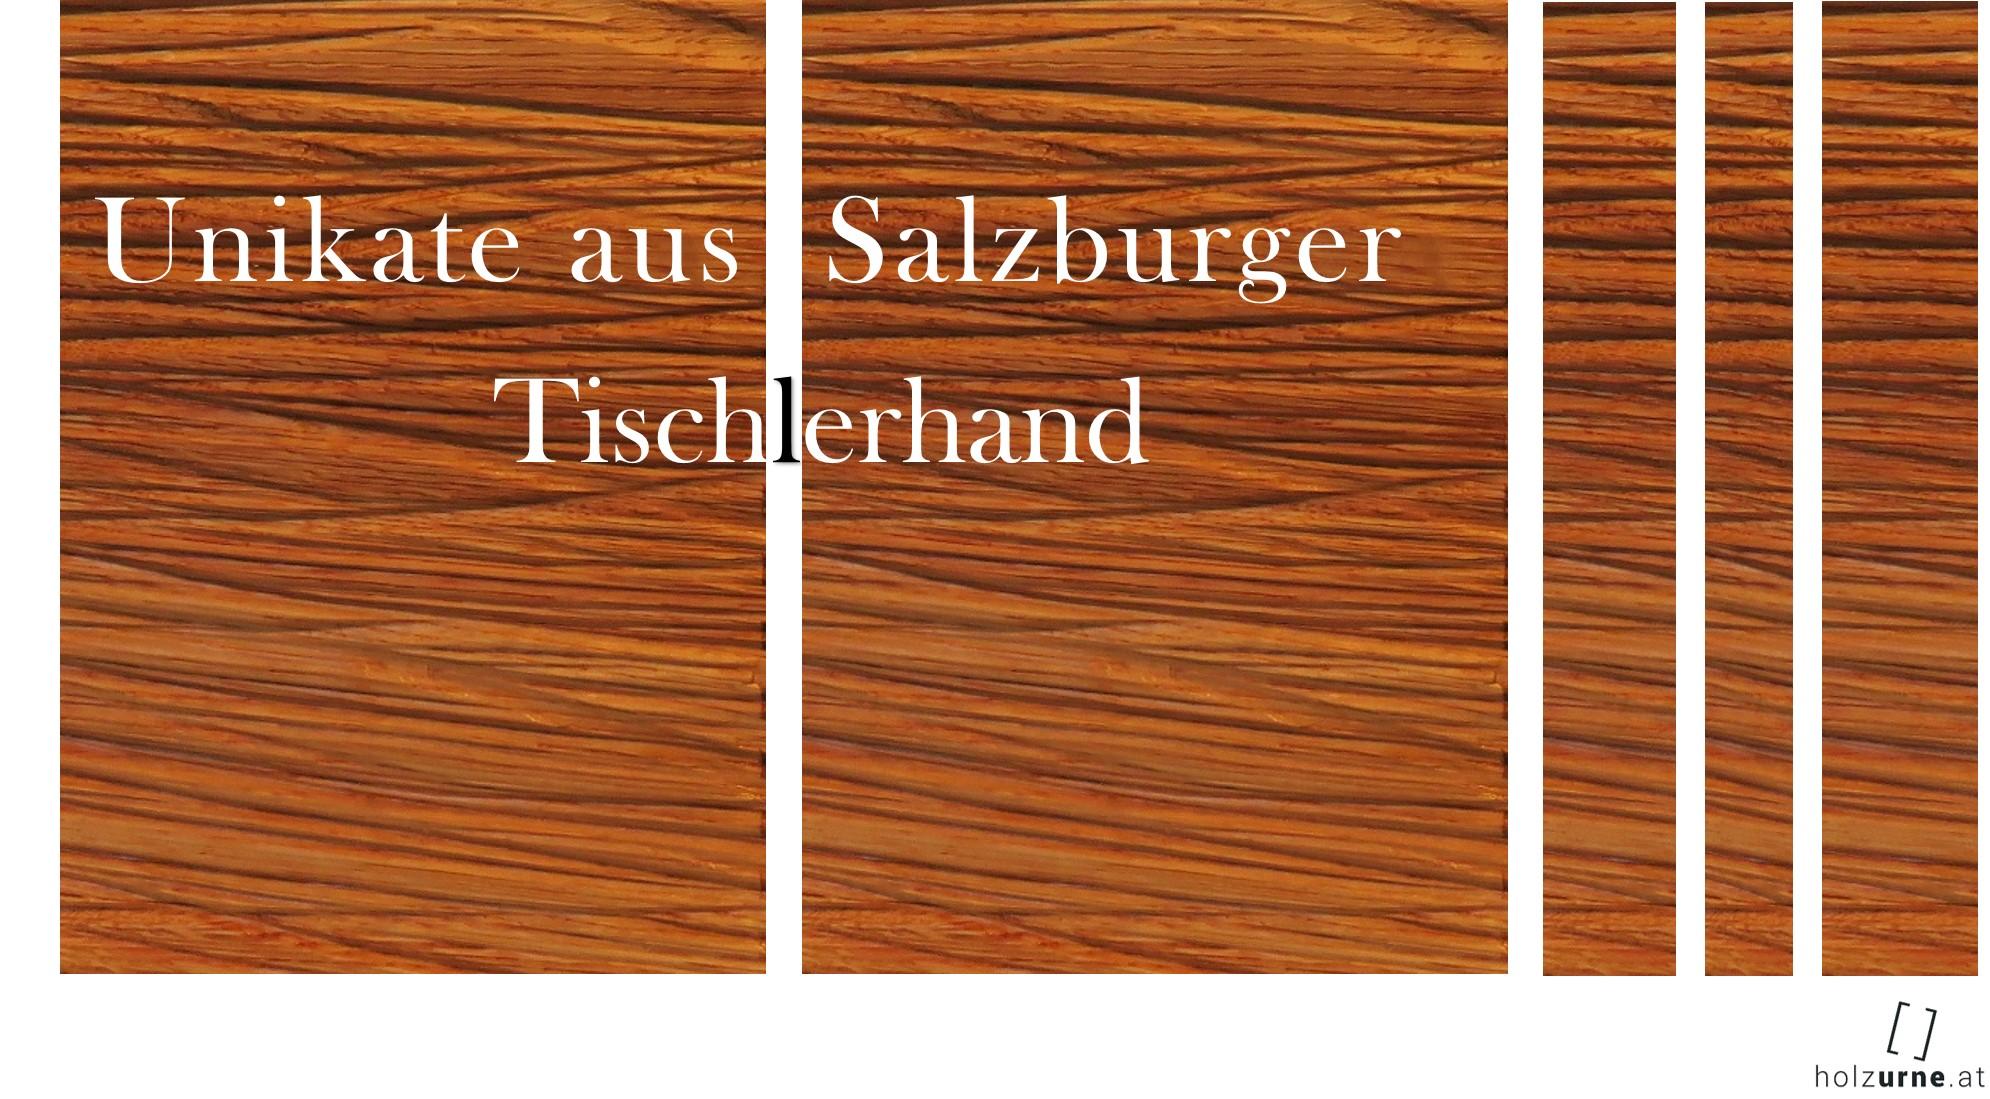 Urne aus Salzburger Tischlerhand